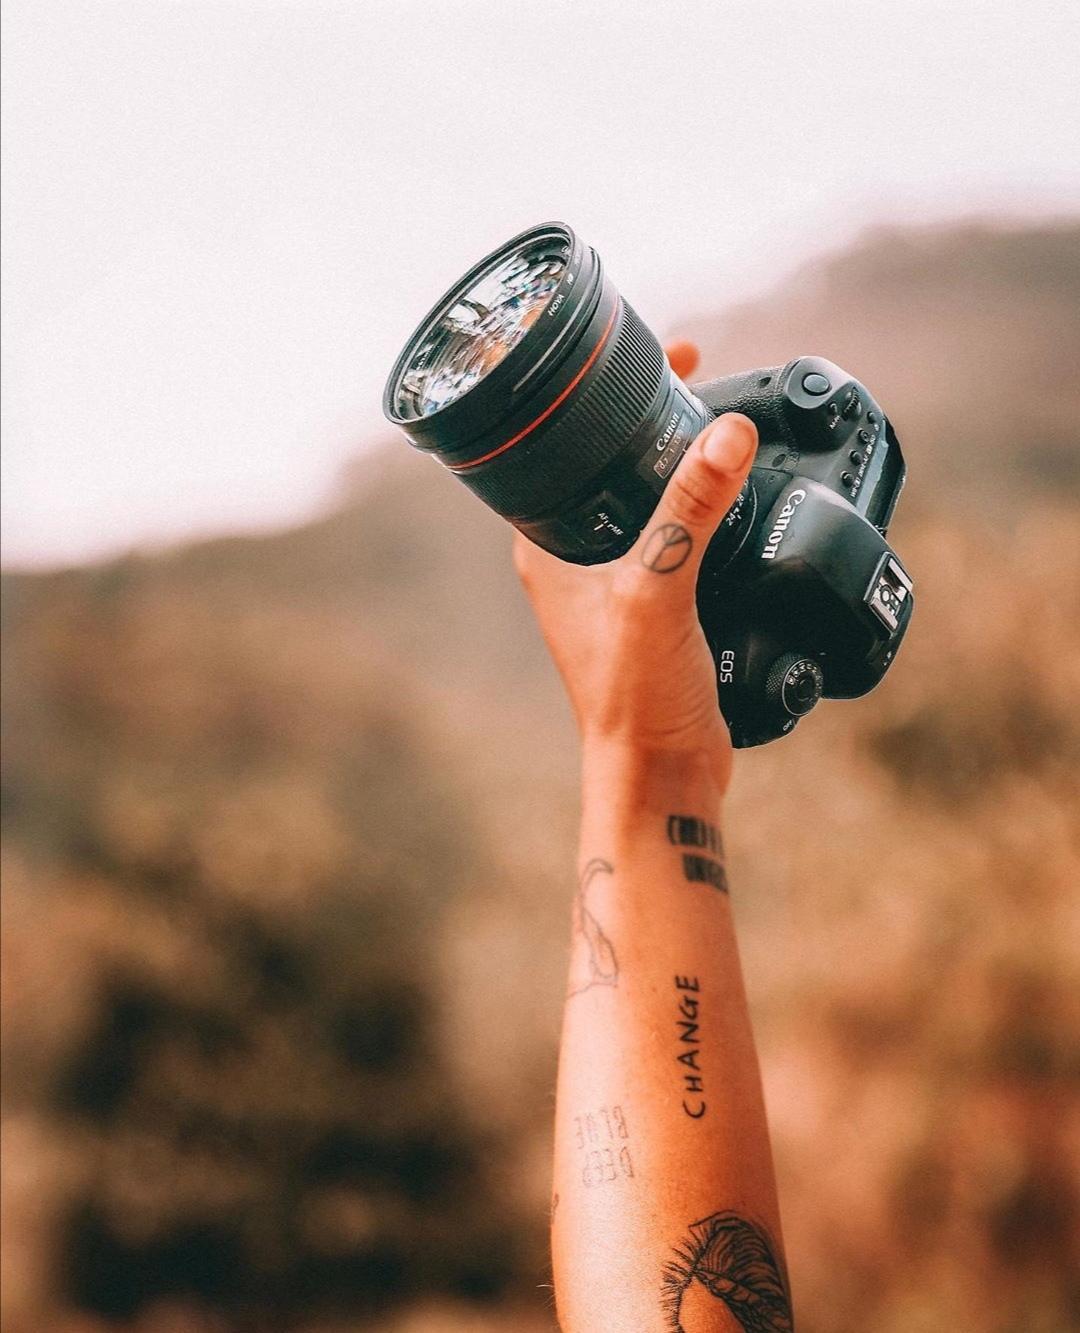 avambraccio tatuato che tiene in mano una macchina fotografica reflex